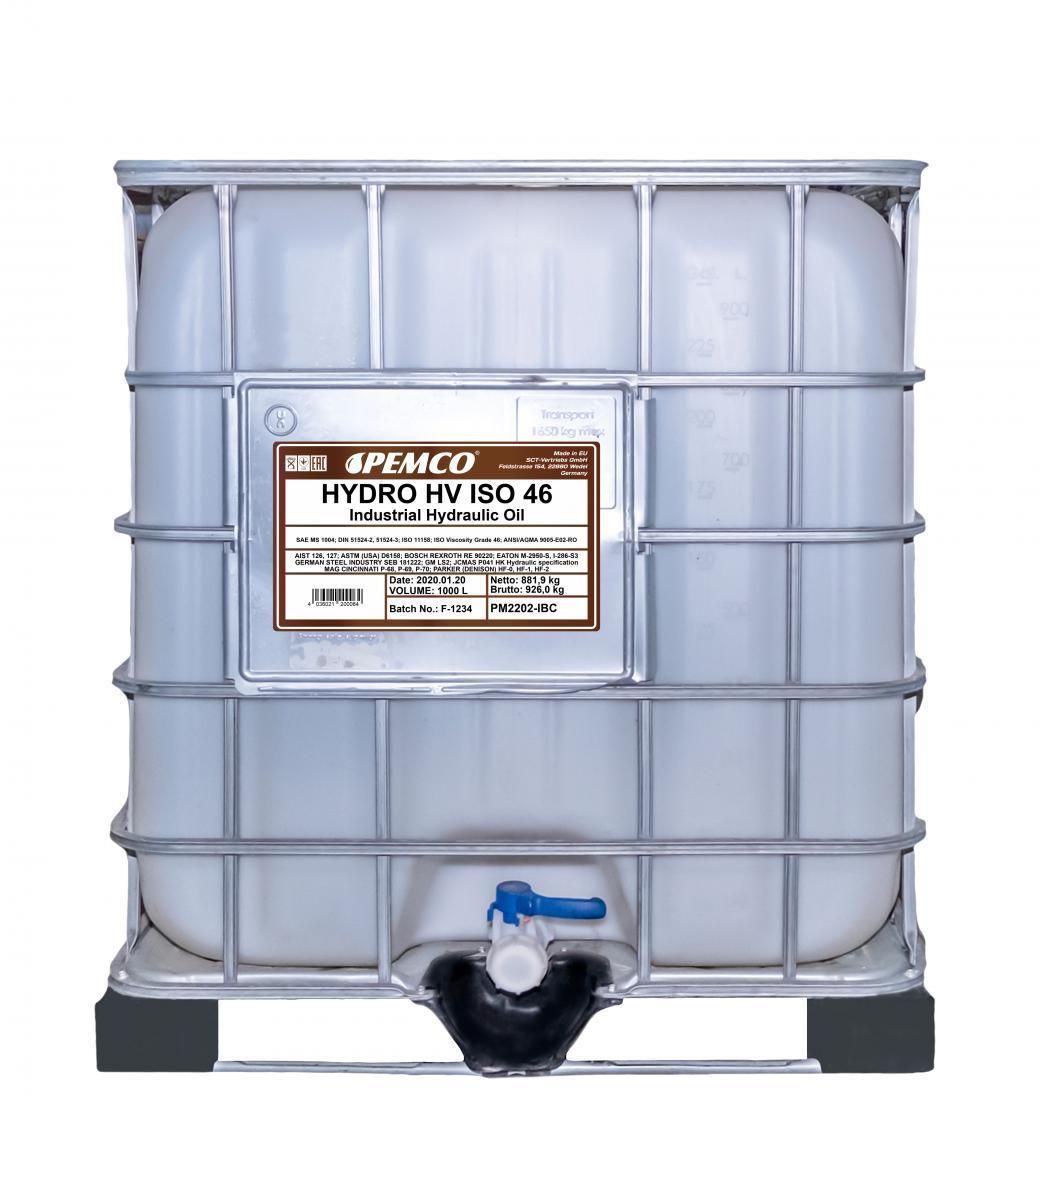 Achat de Huile hydraulique PEMCO PM2202-IBC camionnette